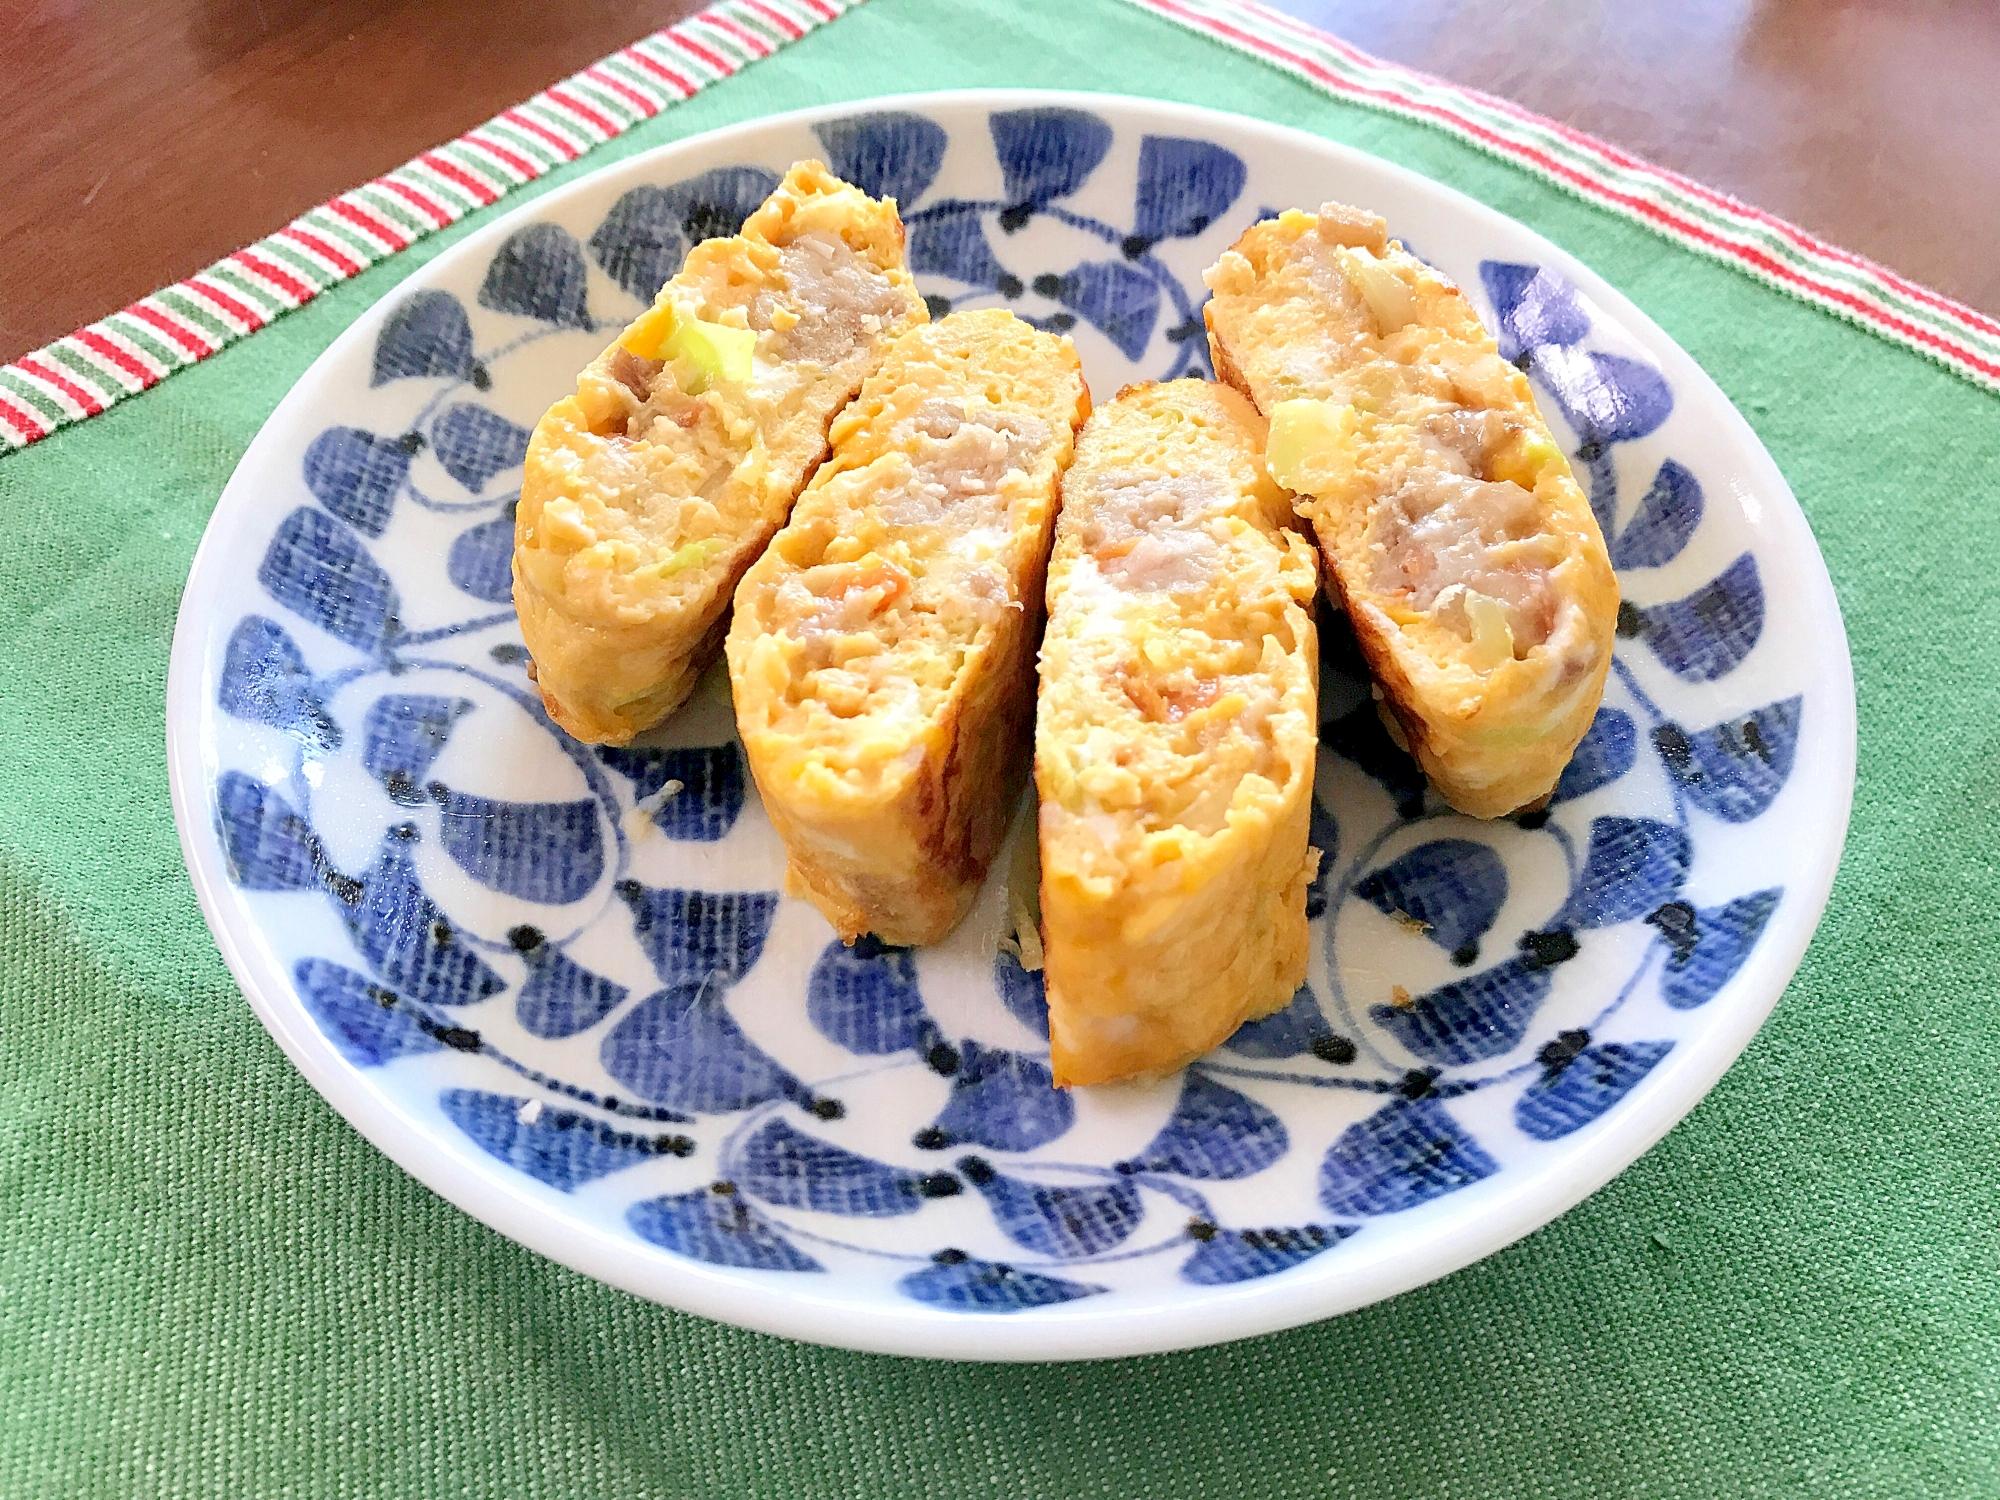 4. 朝ごはん・お弁当どちらにも「ハンバーグ入り卵焼き」